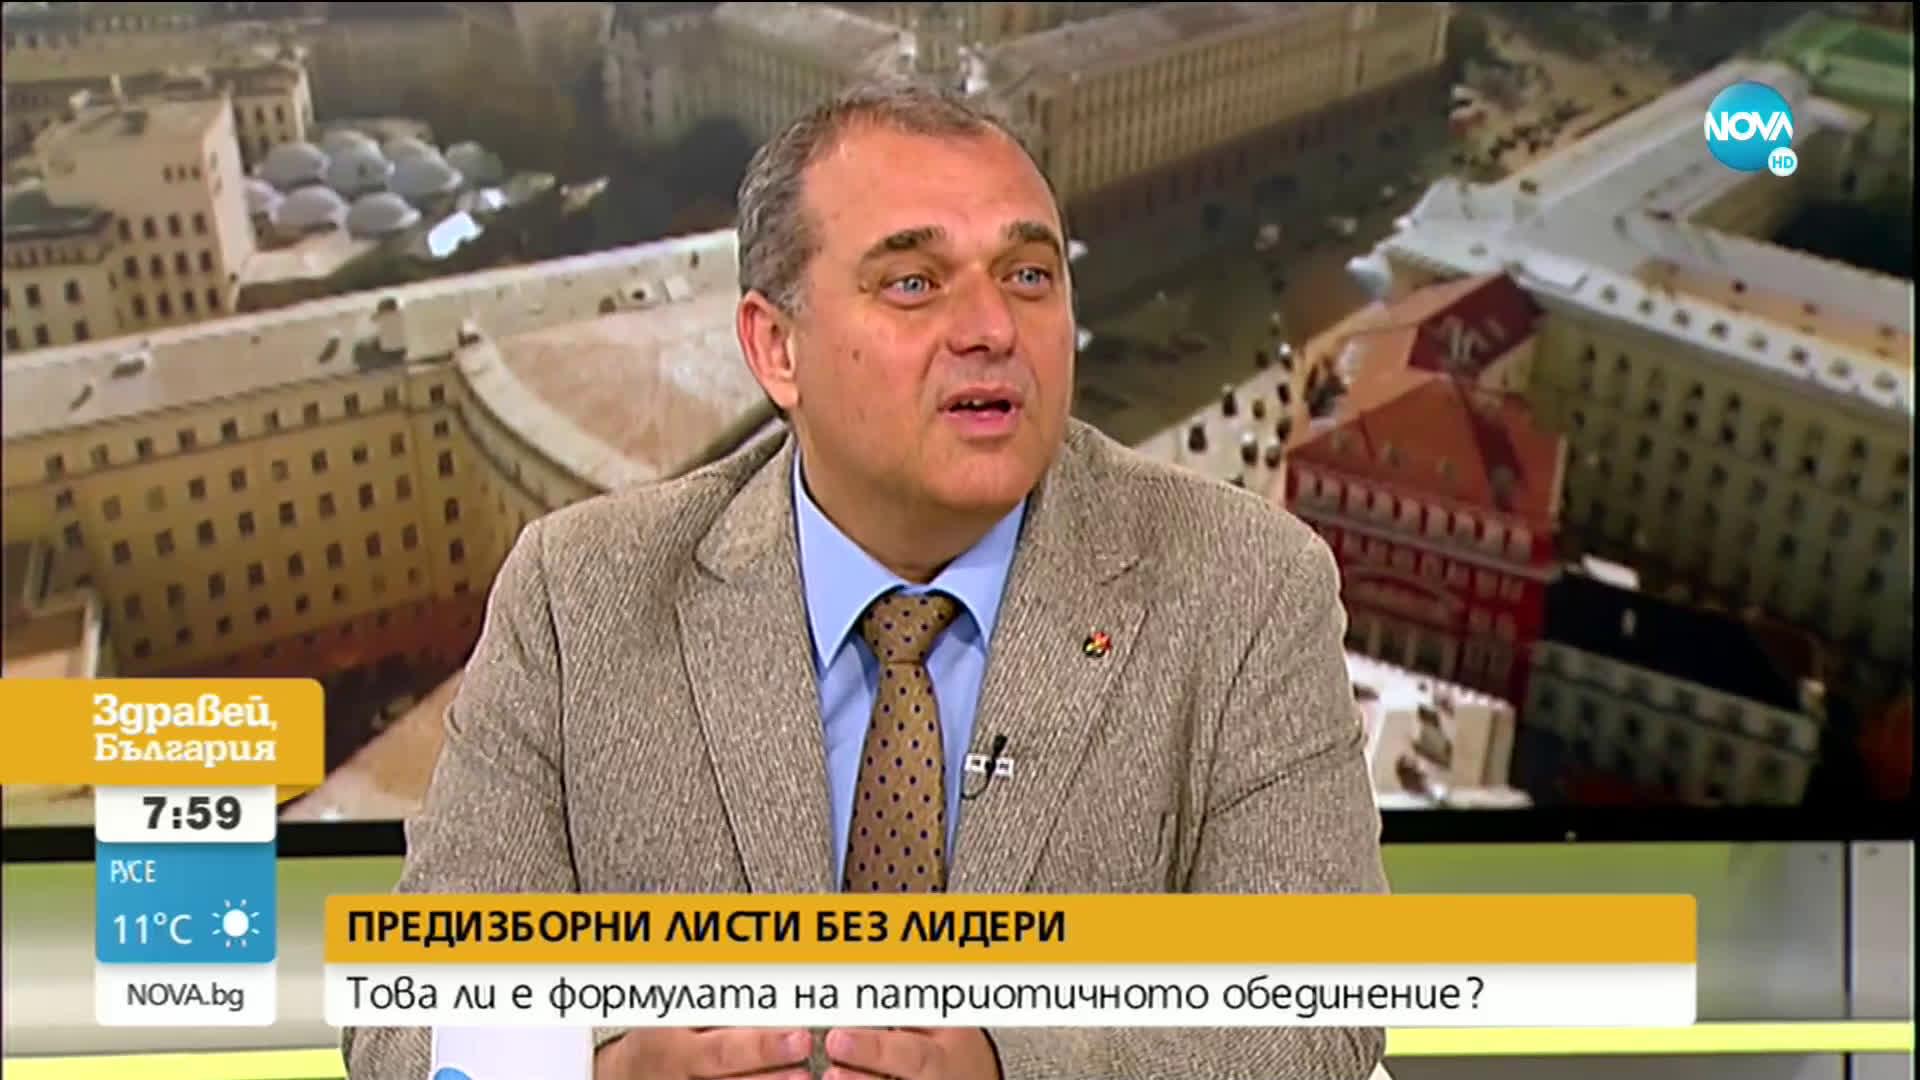 Искрен Веселинов: ВМРО иска да създаде отбор от наистина обединени патриоти